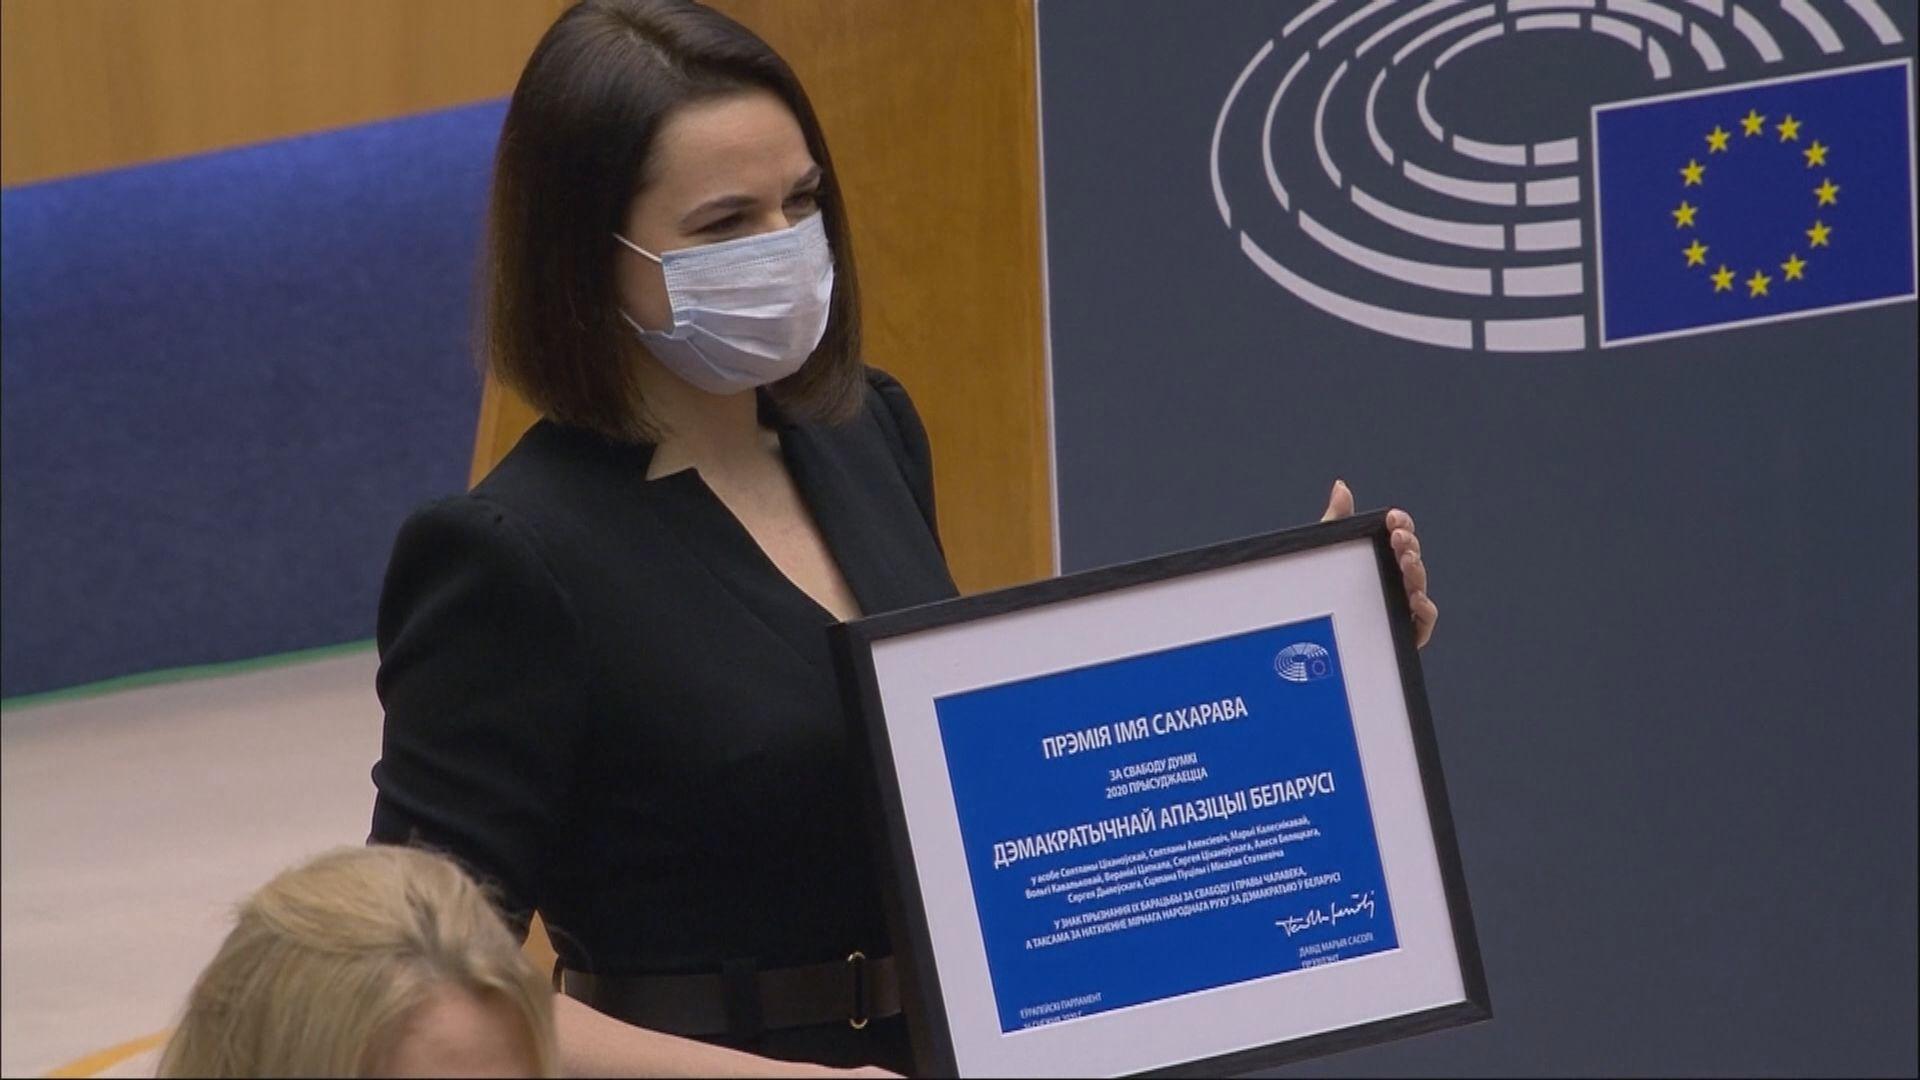 白俄羅斯反對派領取薩哈羅夫人權獎